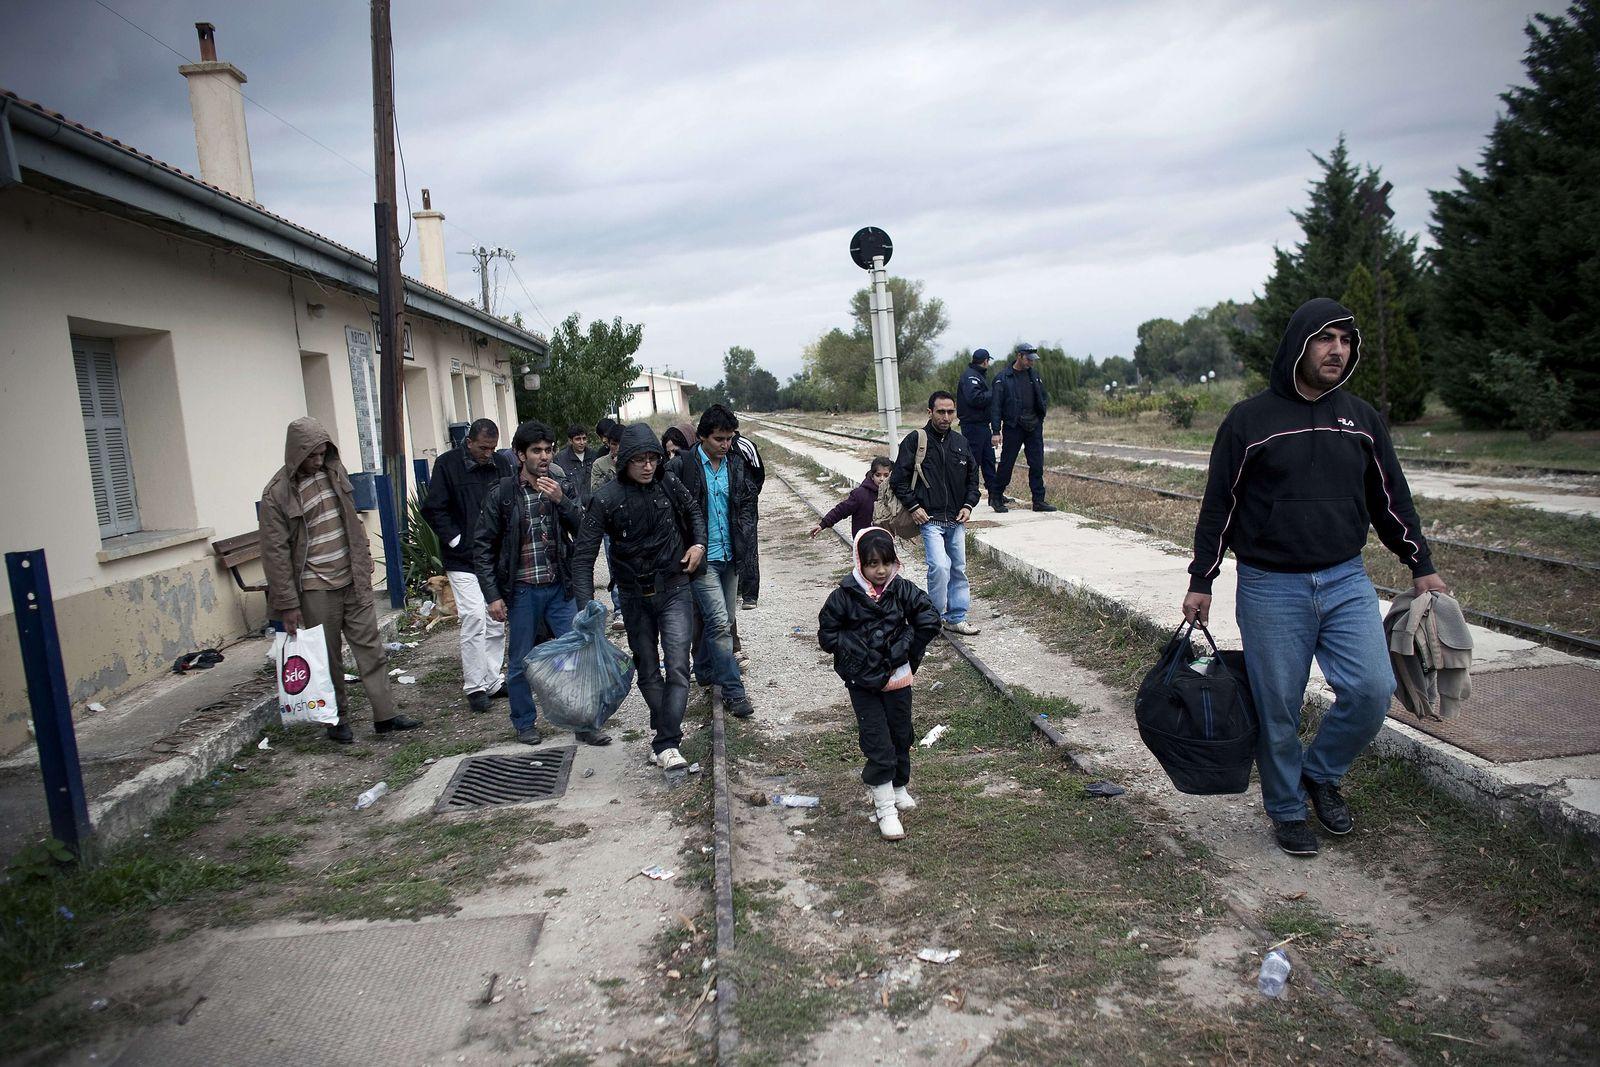 flüchtlinge greichenland eu